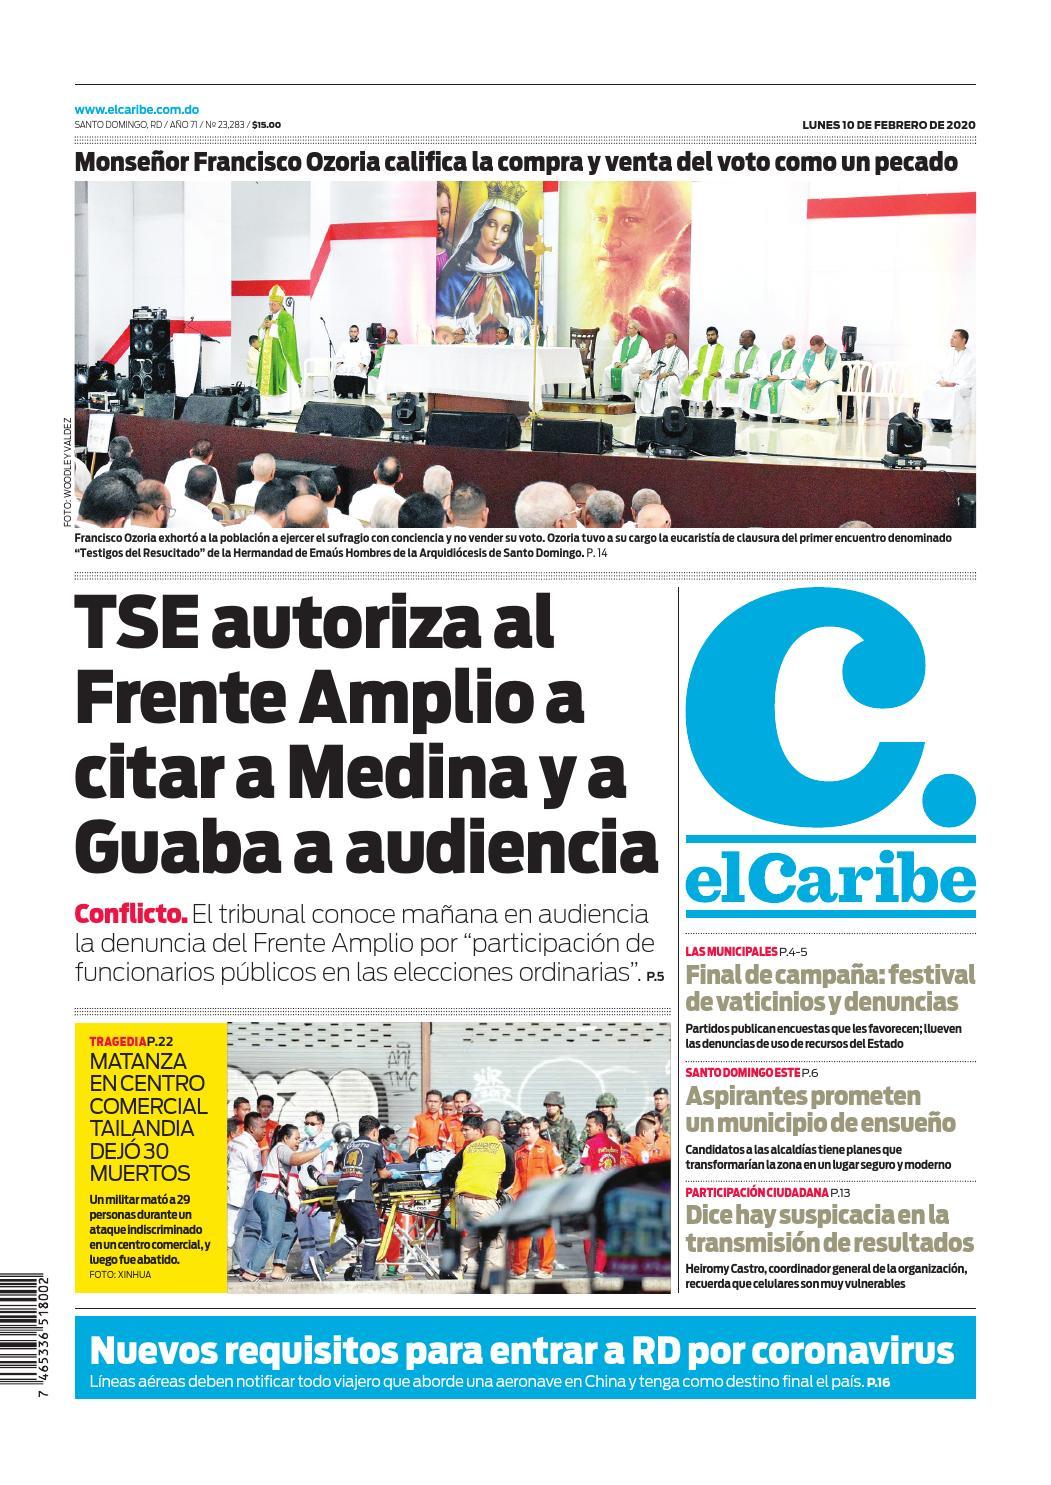 Portada Periódico El Caribe, Lunes 10 de Febrero, 2019